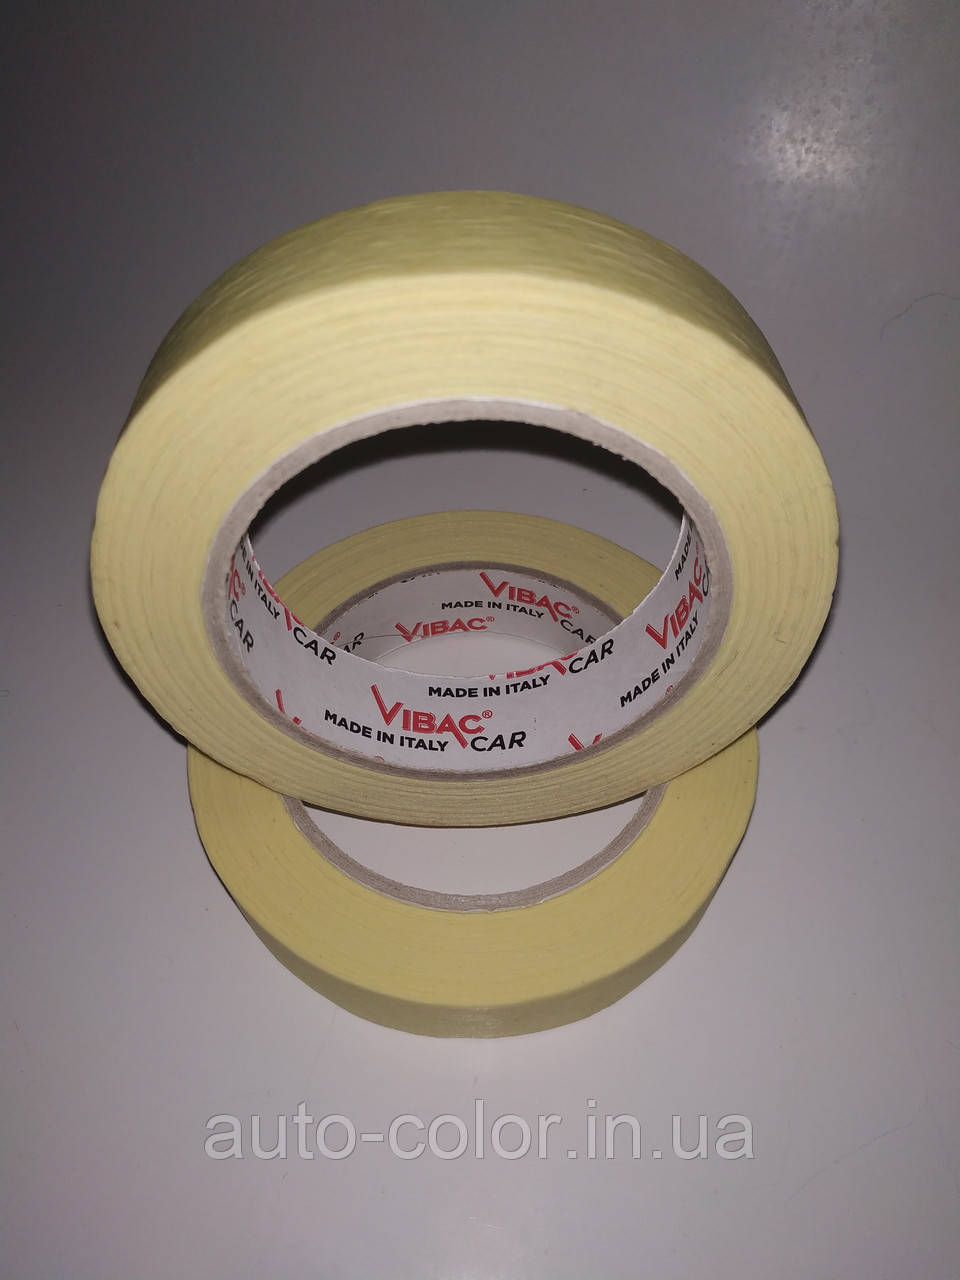 Лента малярная (скотч) Vibac 24мм x 40м 80°C